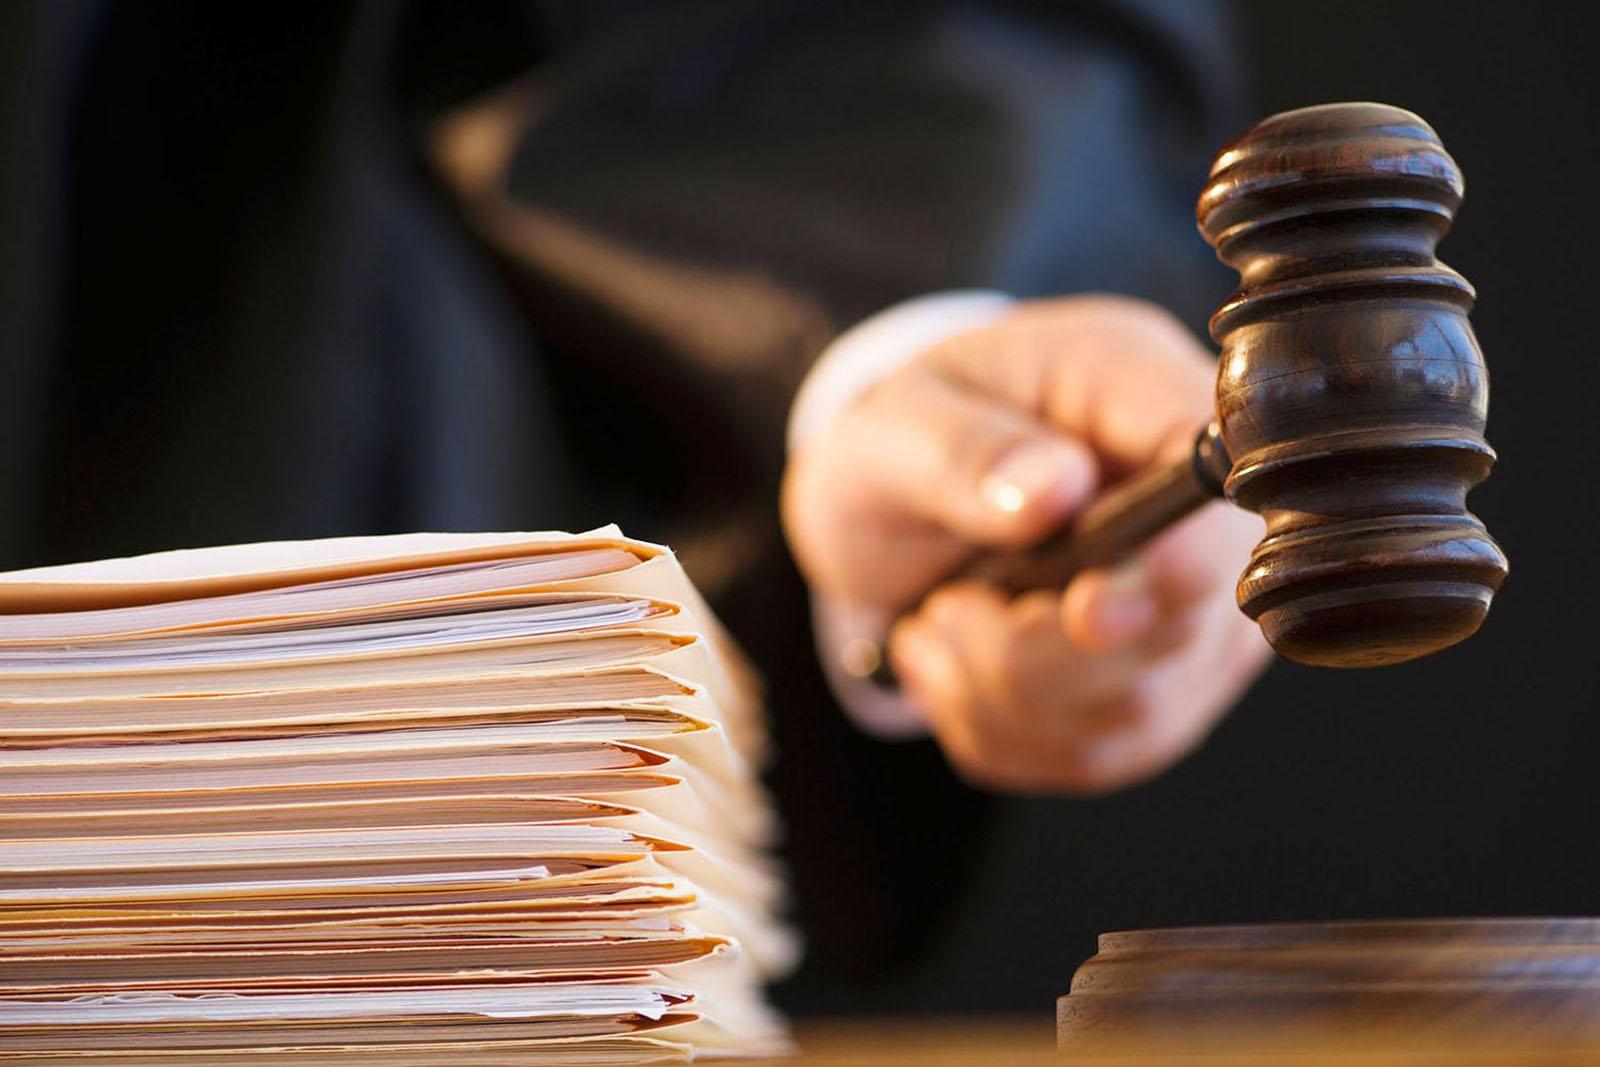 Вебинар: Безопасность бизнеса в суде